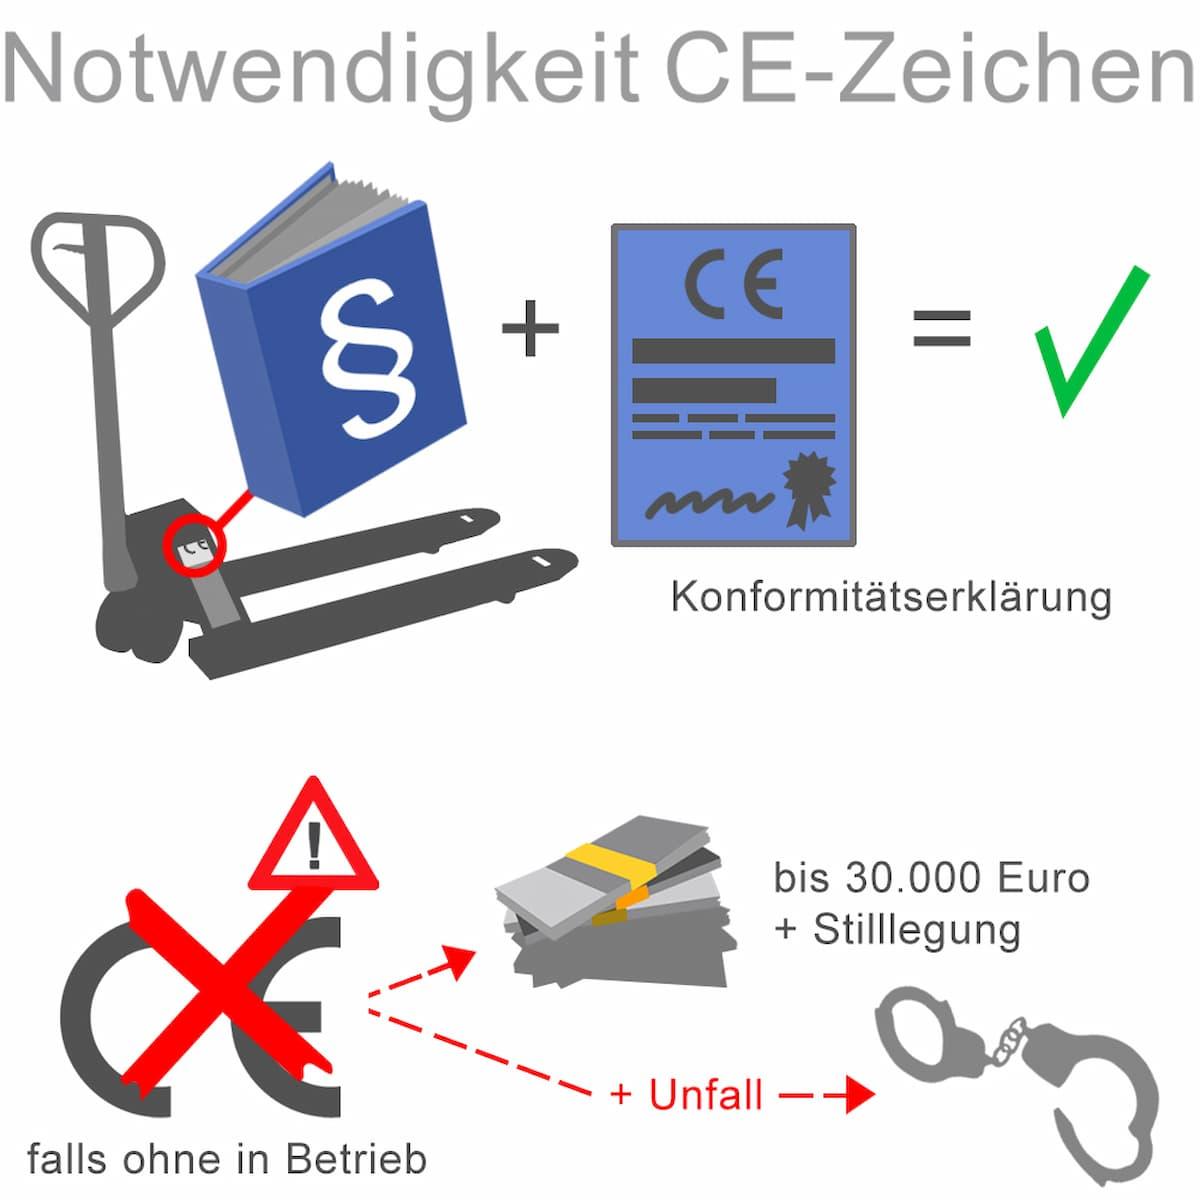 Das CE-Zeichen muss vorhanden sein